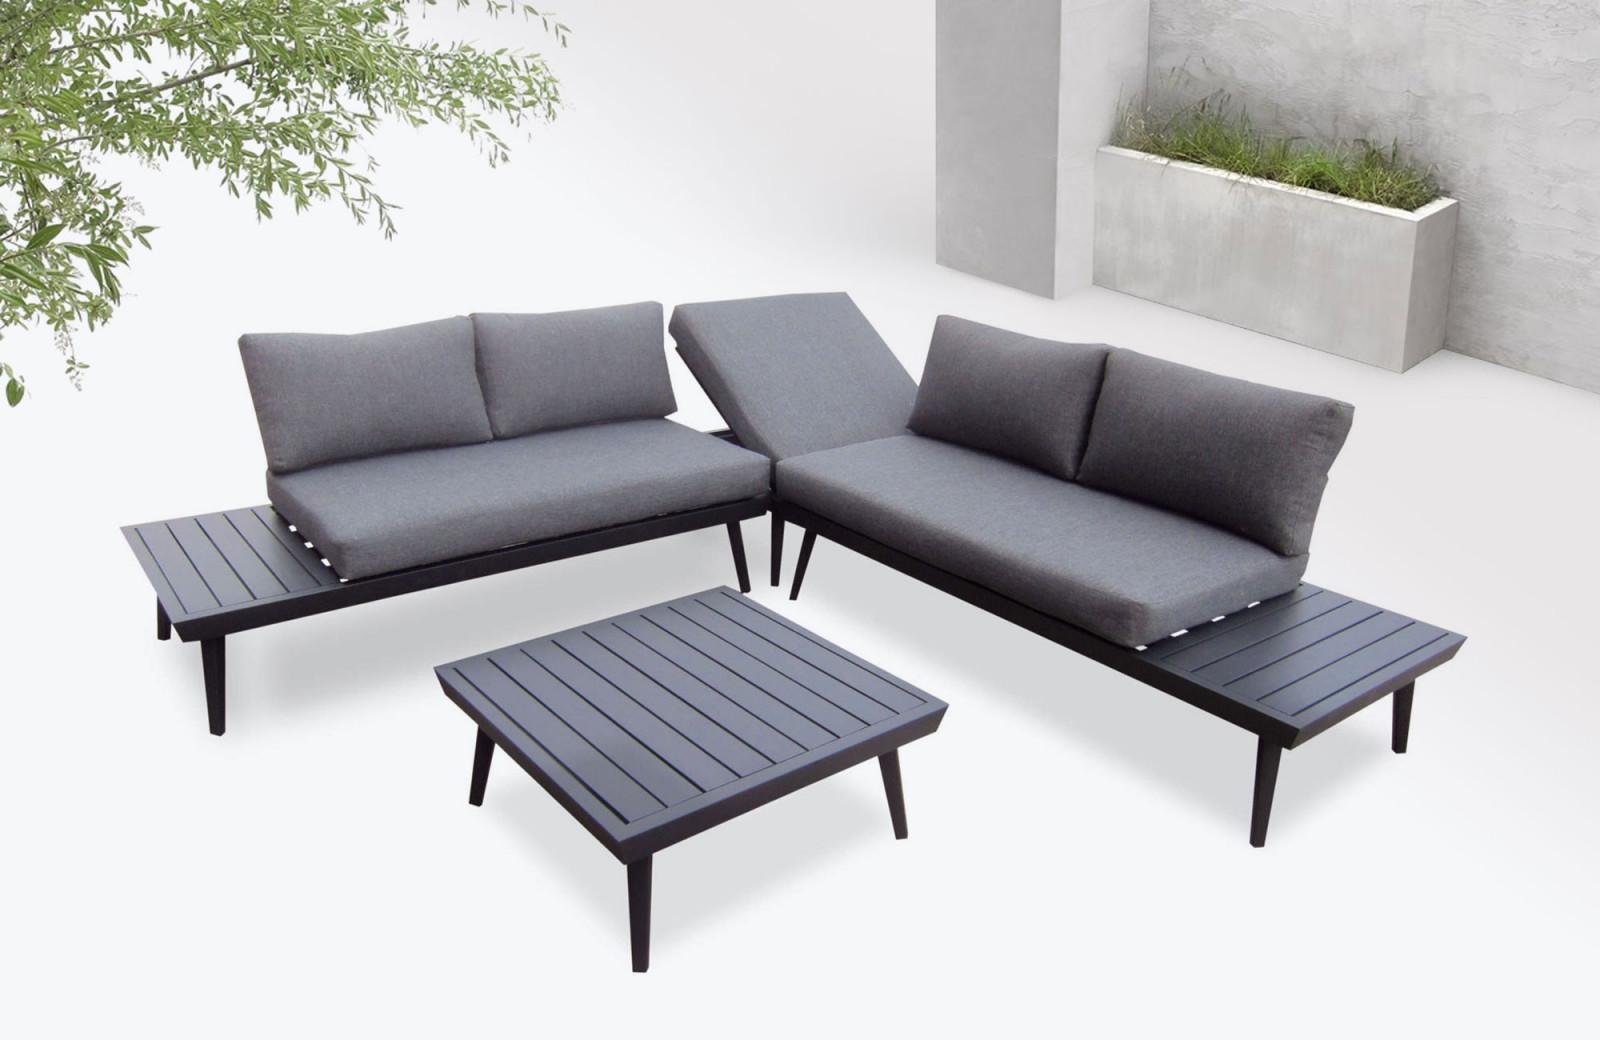 Salon De Jardin Beau Garden Furniture Aluminium Vigo Of 20 Élégant Salon De Jardin